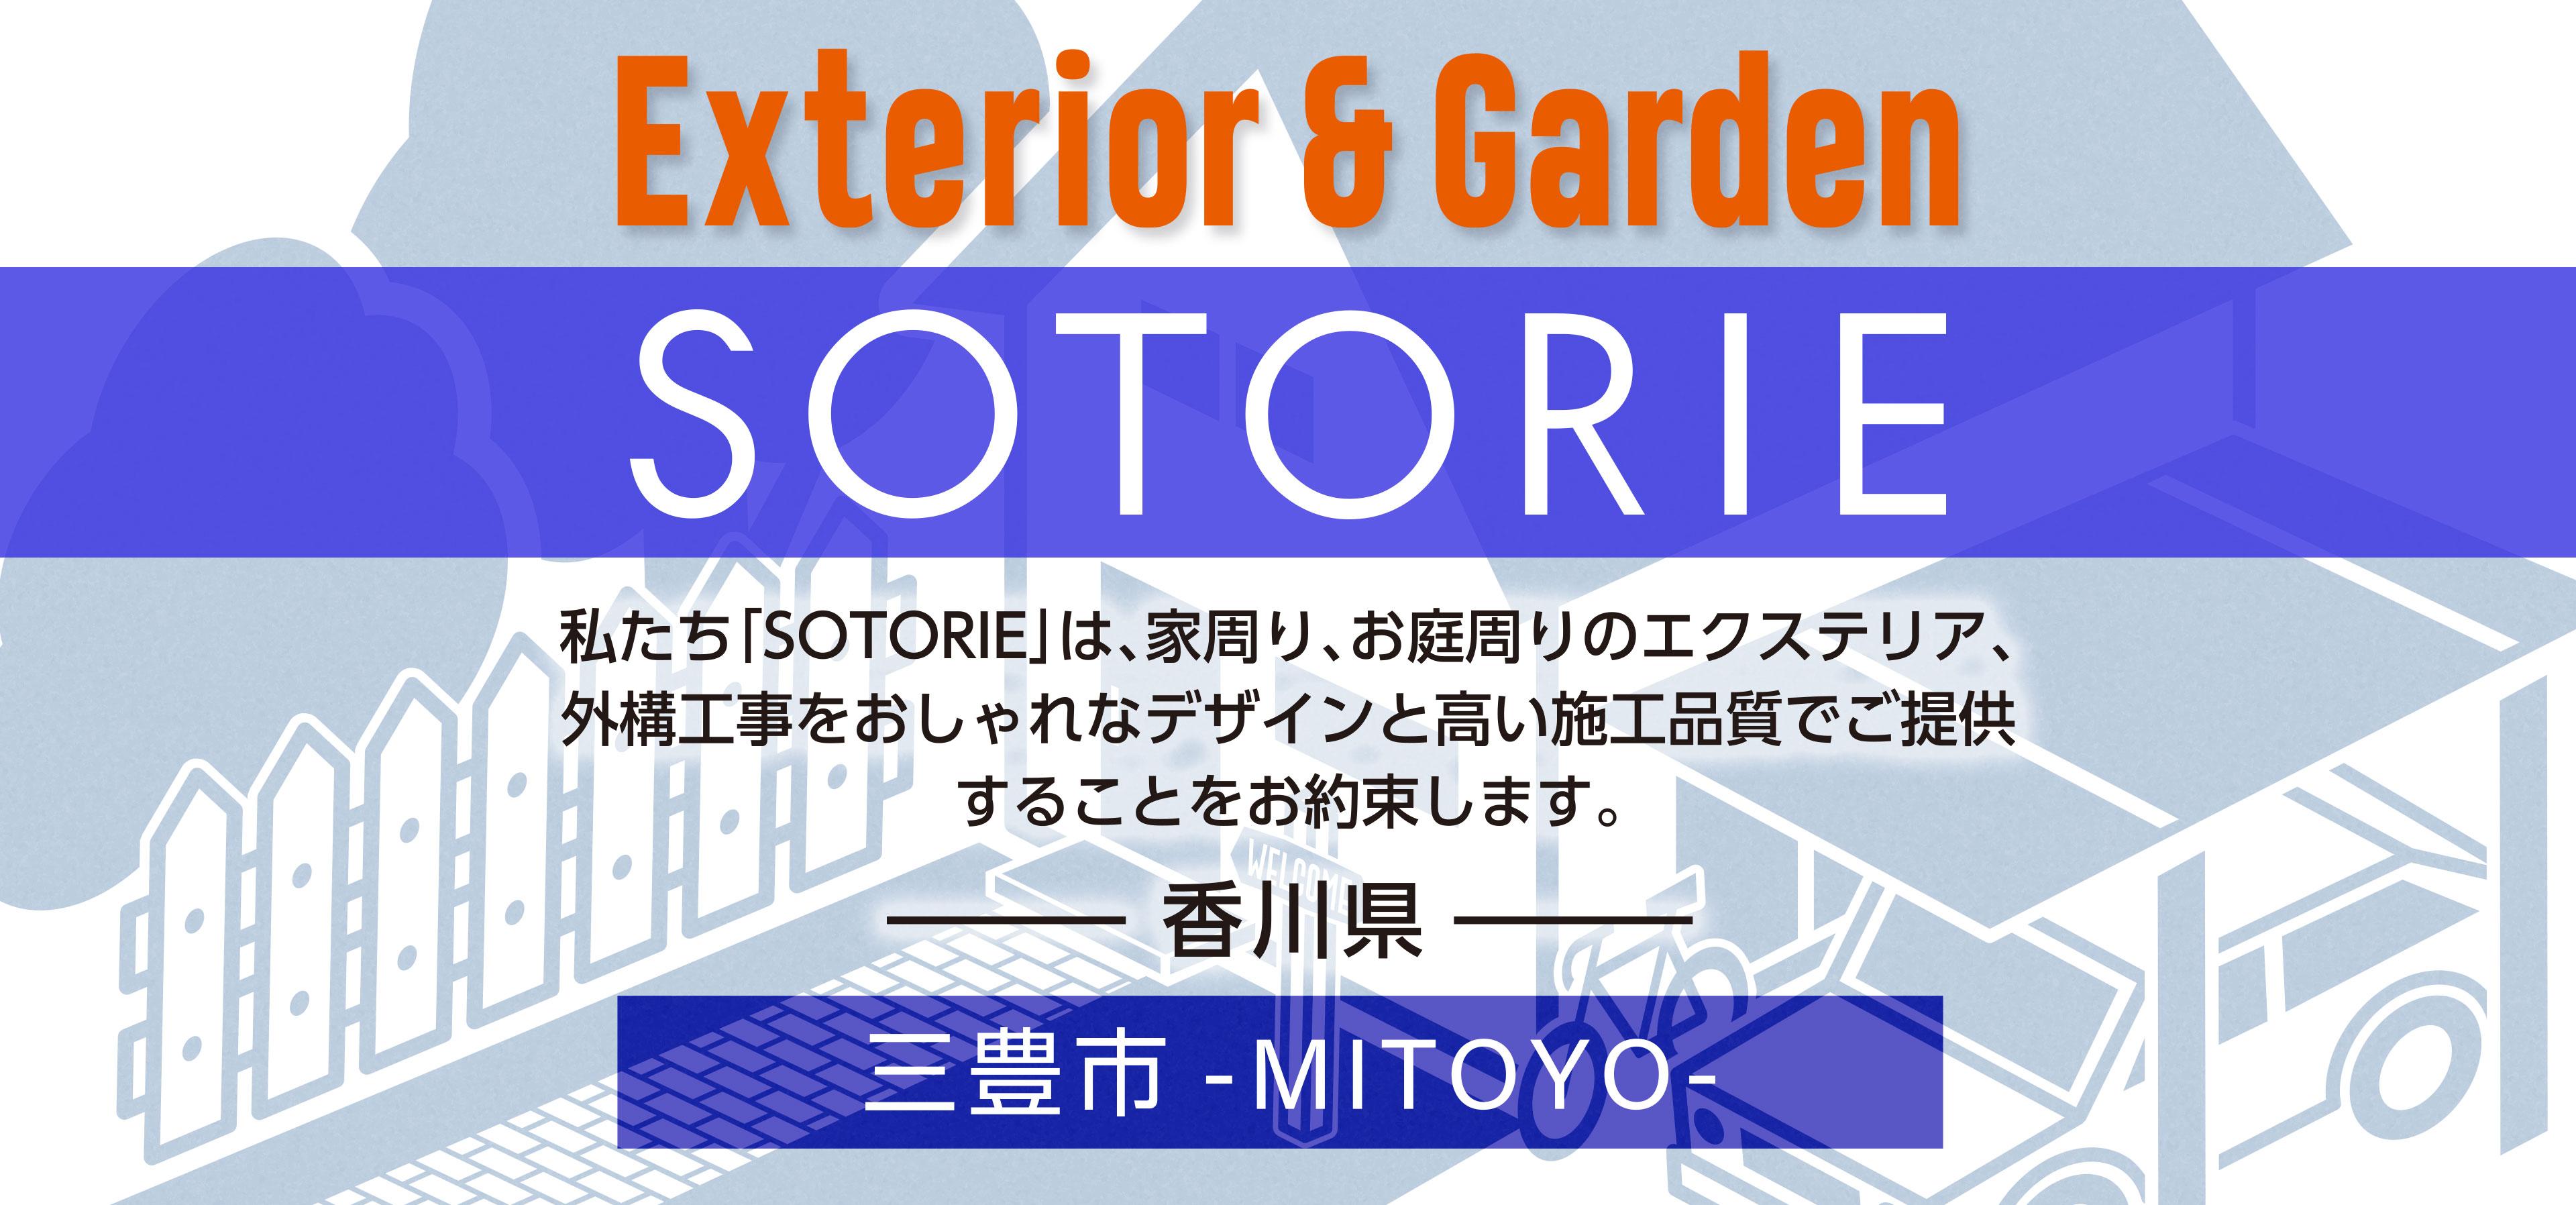 ソトリエ三豊市では、家周りと庭周りの外構、エクステリア工事をおしゃれなデザインと高い施工品質でご提供することをお約束します。